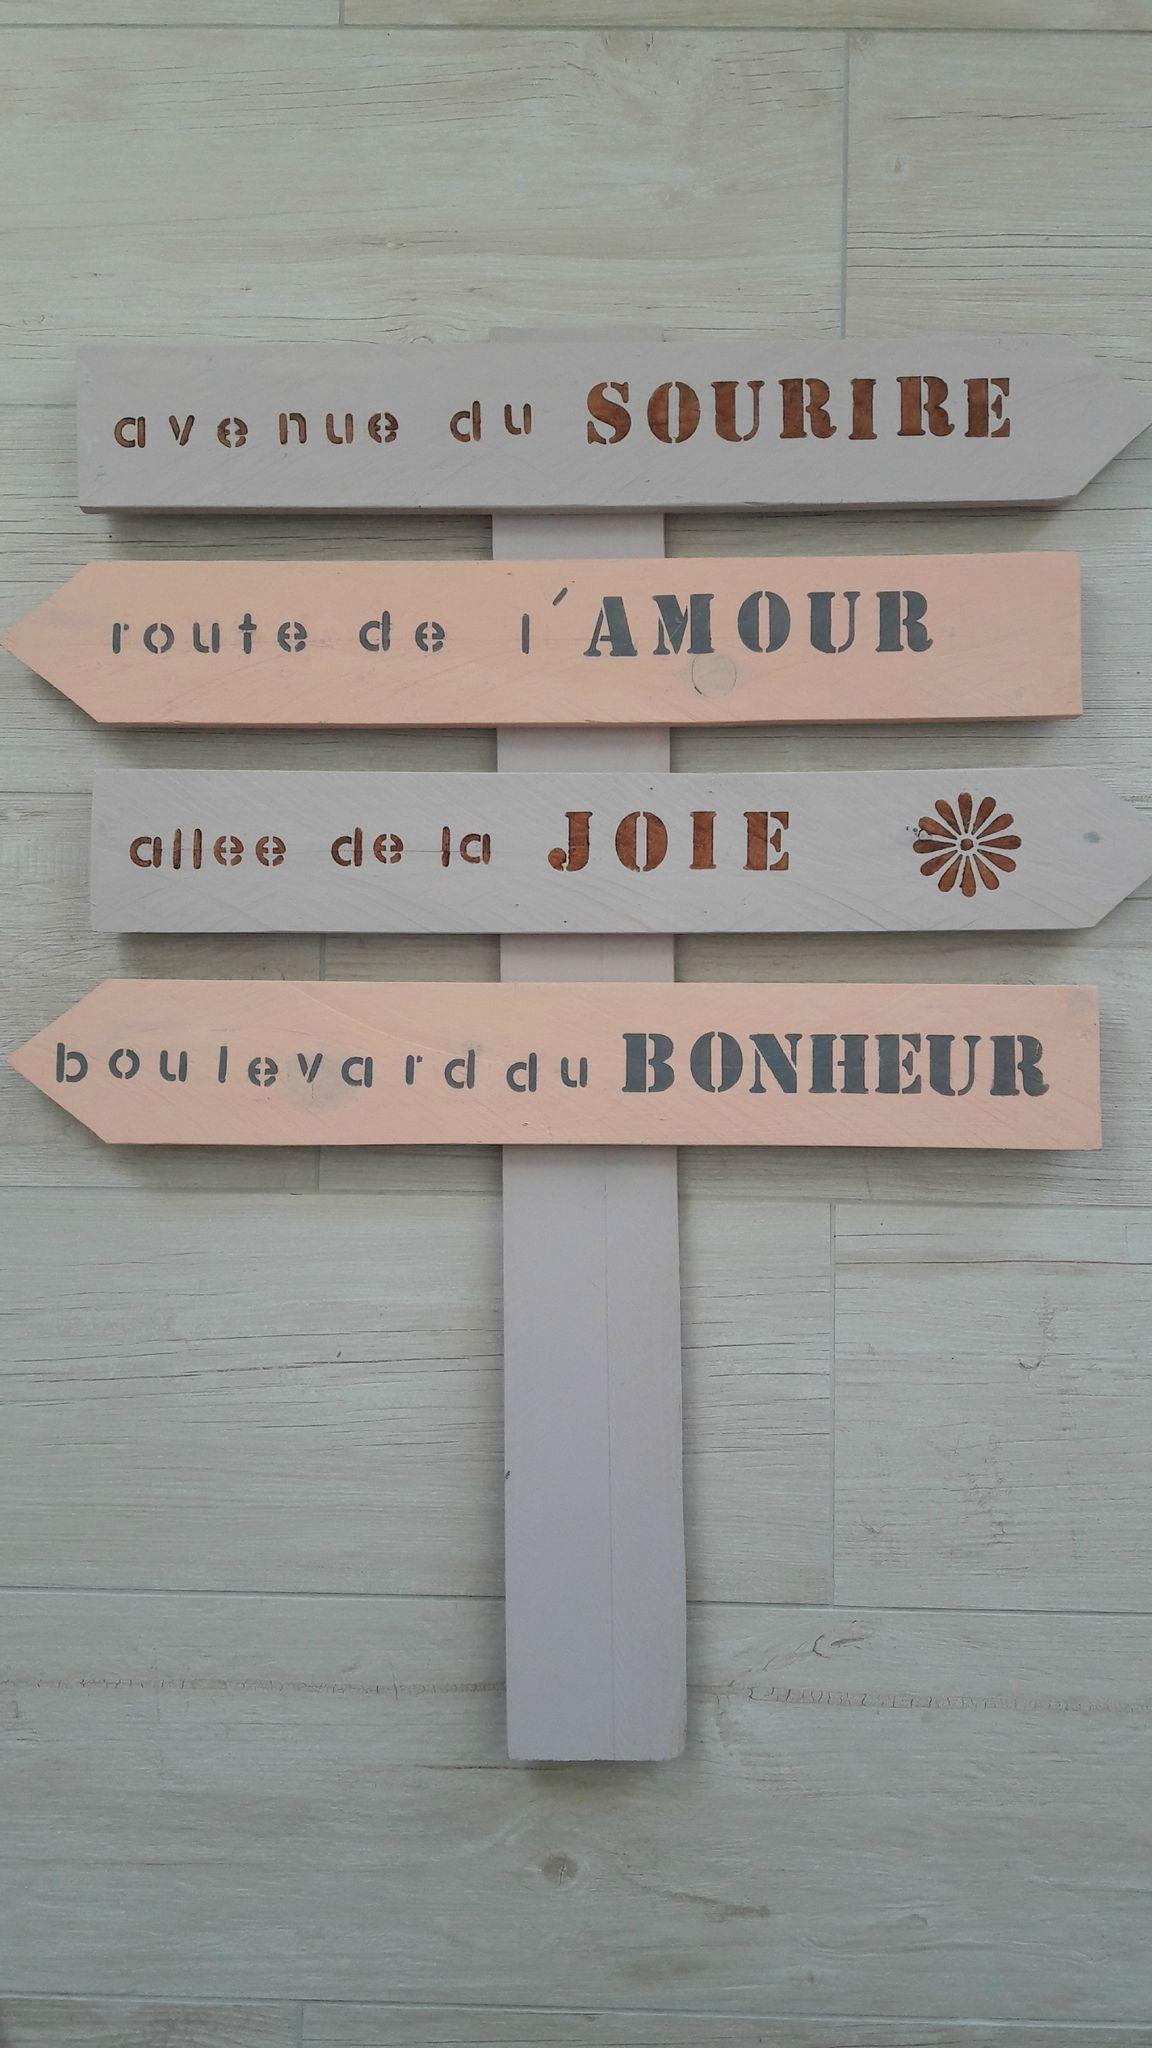 Ecrire Sur Panneau Bois tuto panneaux bois decoratifs - desidéespleinlesmains